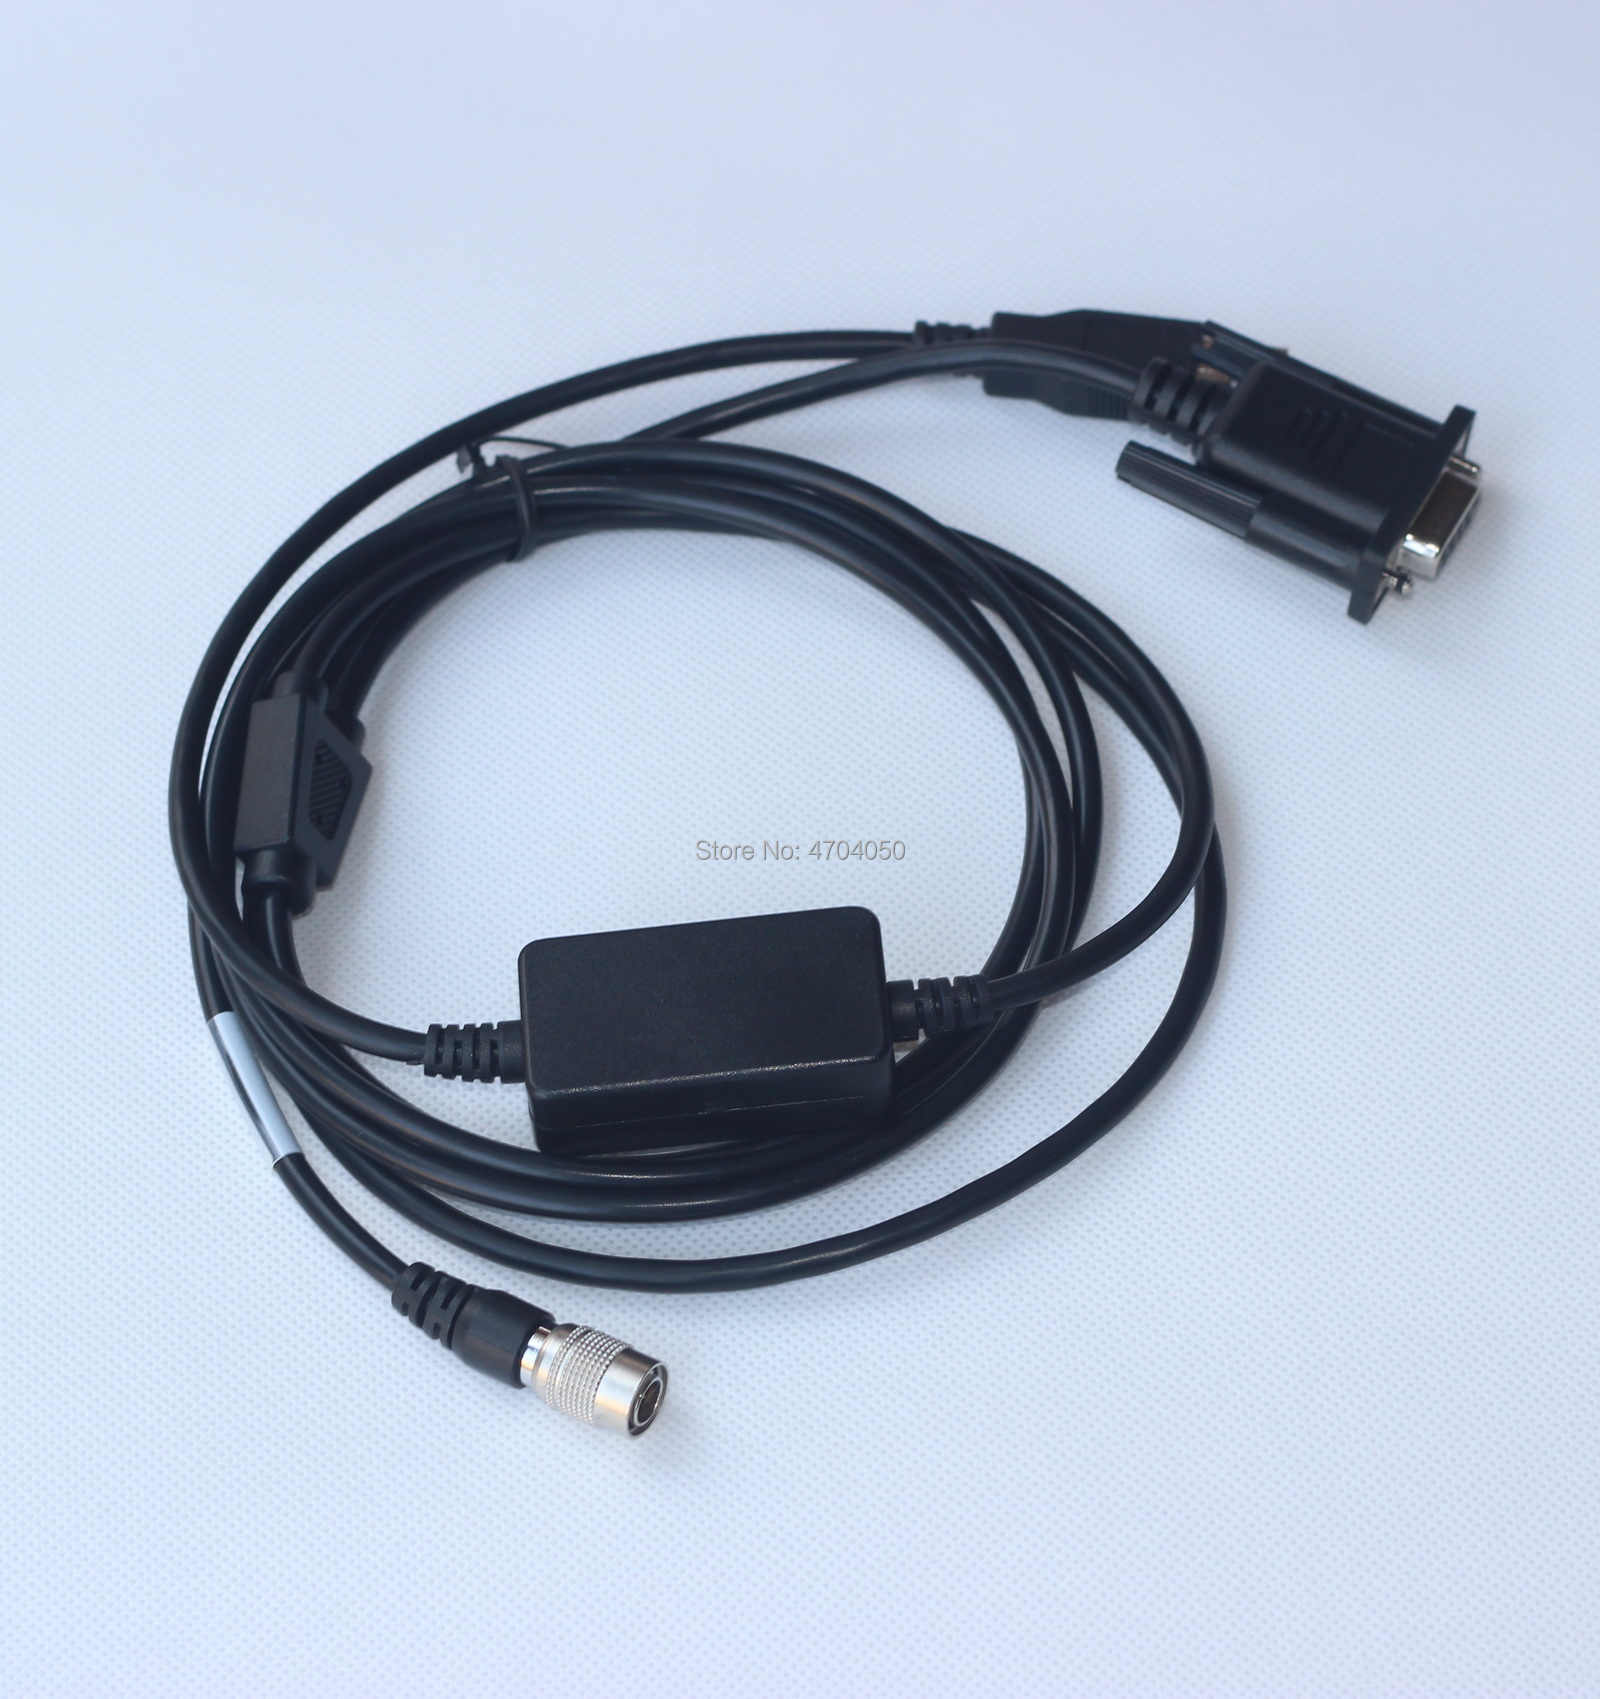 """חדש COM + USB להוריד נתונים כבל מכשיר מדידות Y כבל עבור ניקון סה""""כ תחנות, 6pin עם יציאות USB ו"""